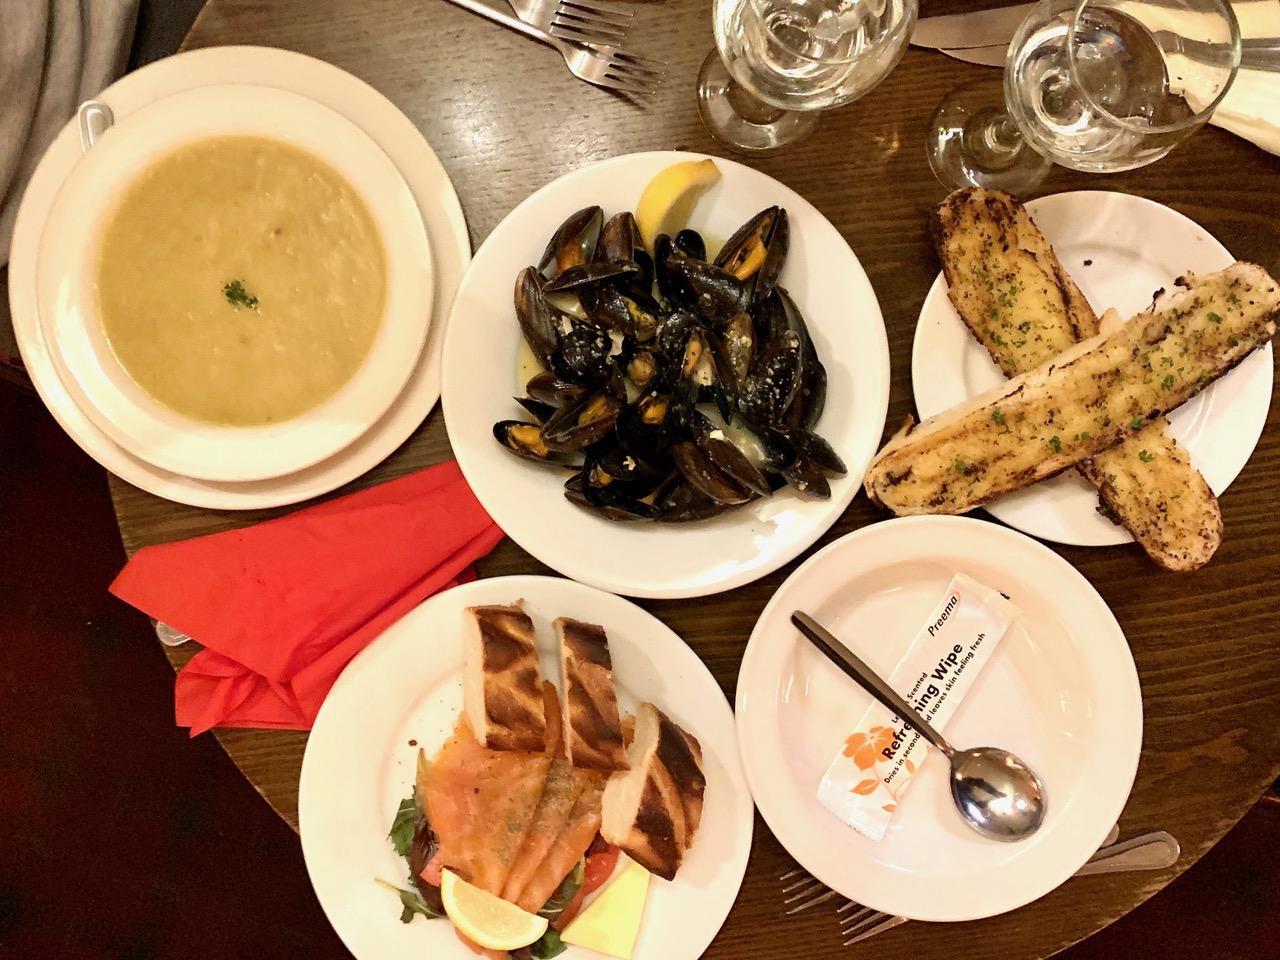 スコットランドの人気料理ムール貝のワイン蒸し